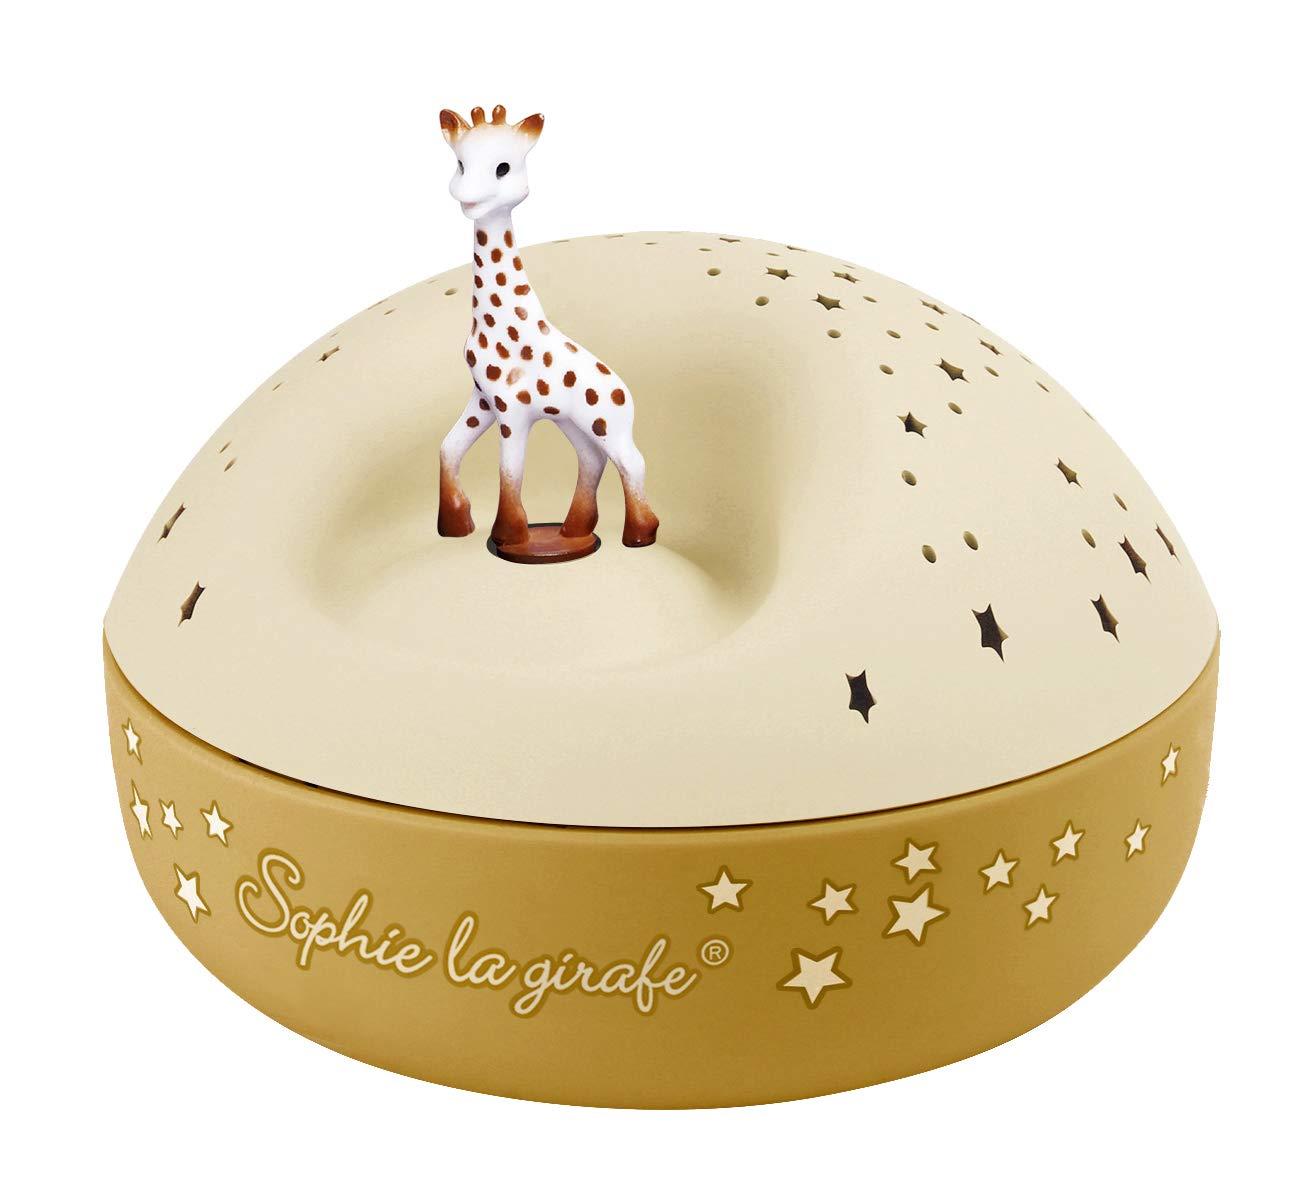 2 Figurines Amovibles Sophie la Girafe Colori Rose Musique Feelings TROUSSELIER Id/éal Cadeau de Naissance Fonctionnement Simple Bo/îte /à Musique Dancing